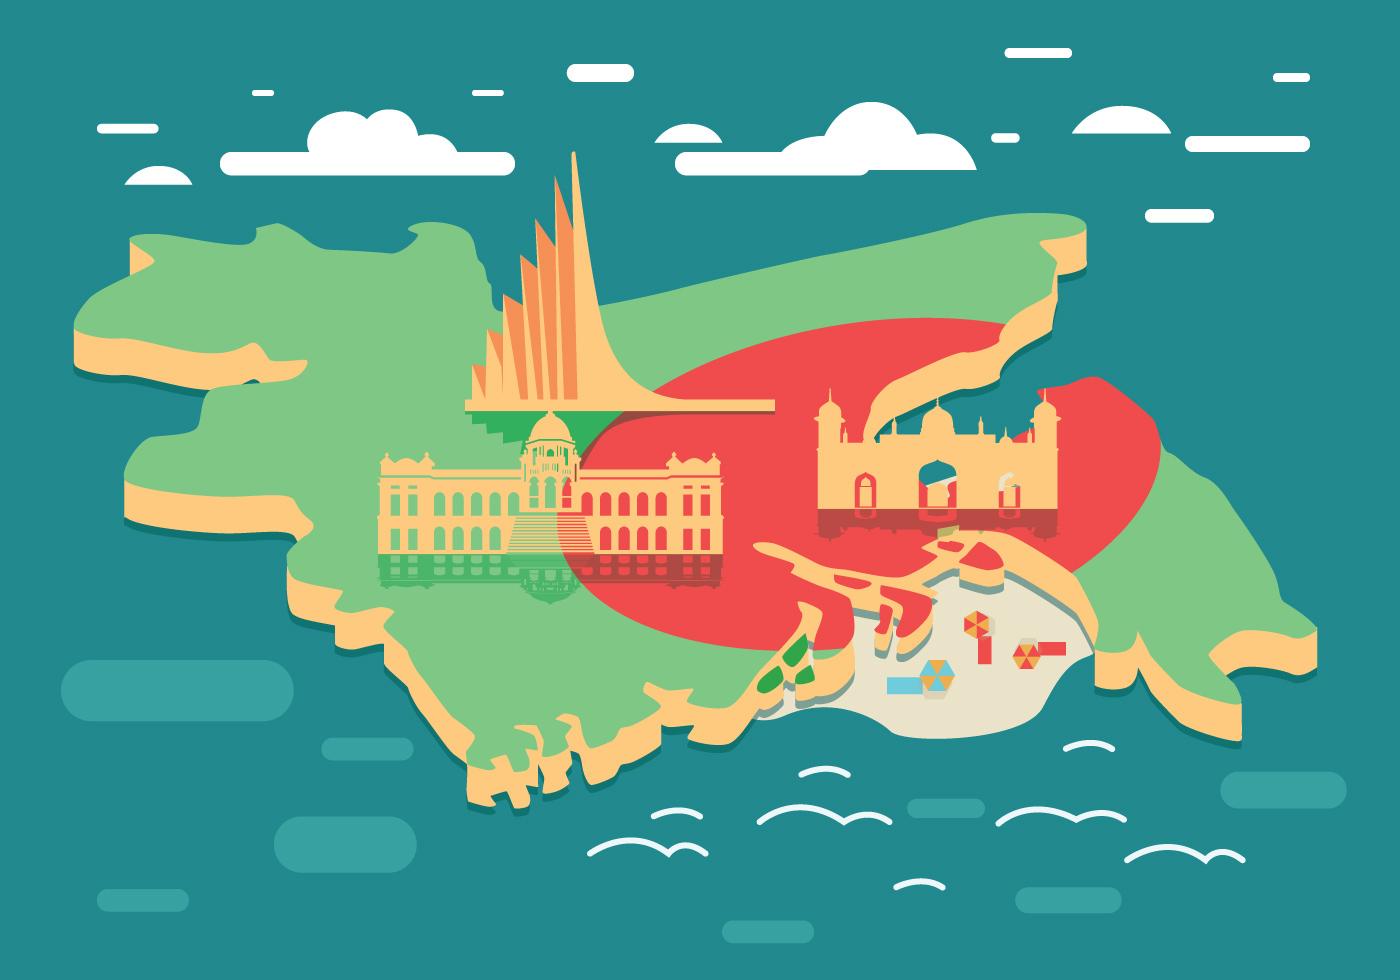 bangladesh map vector